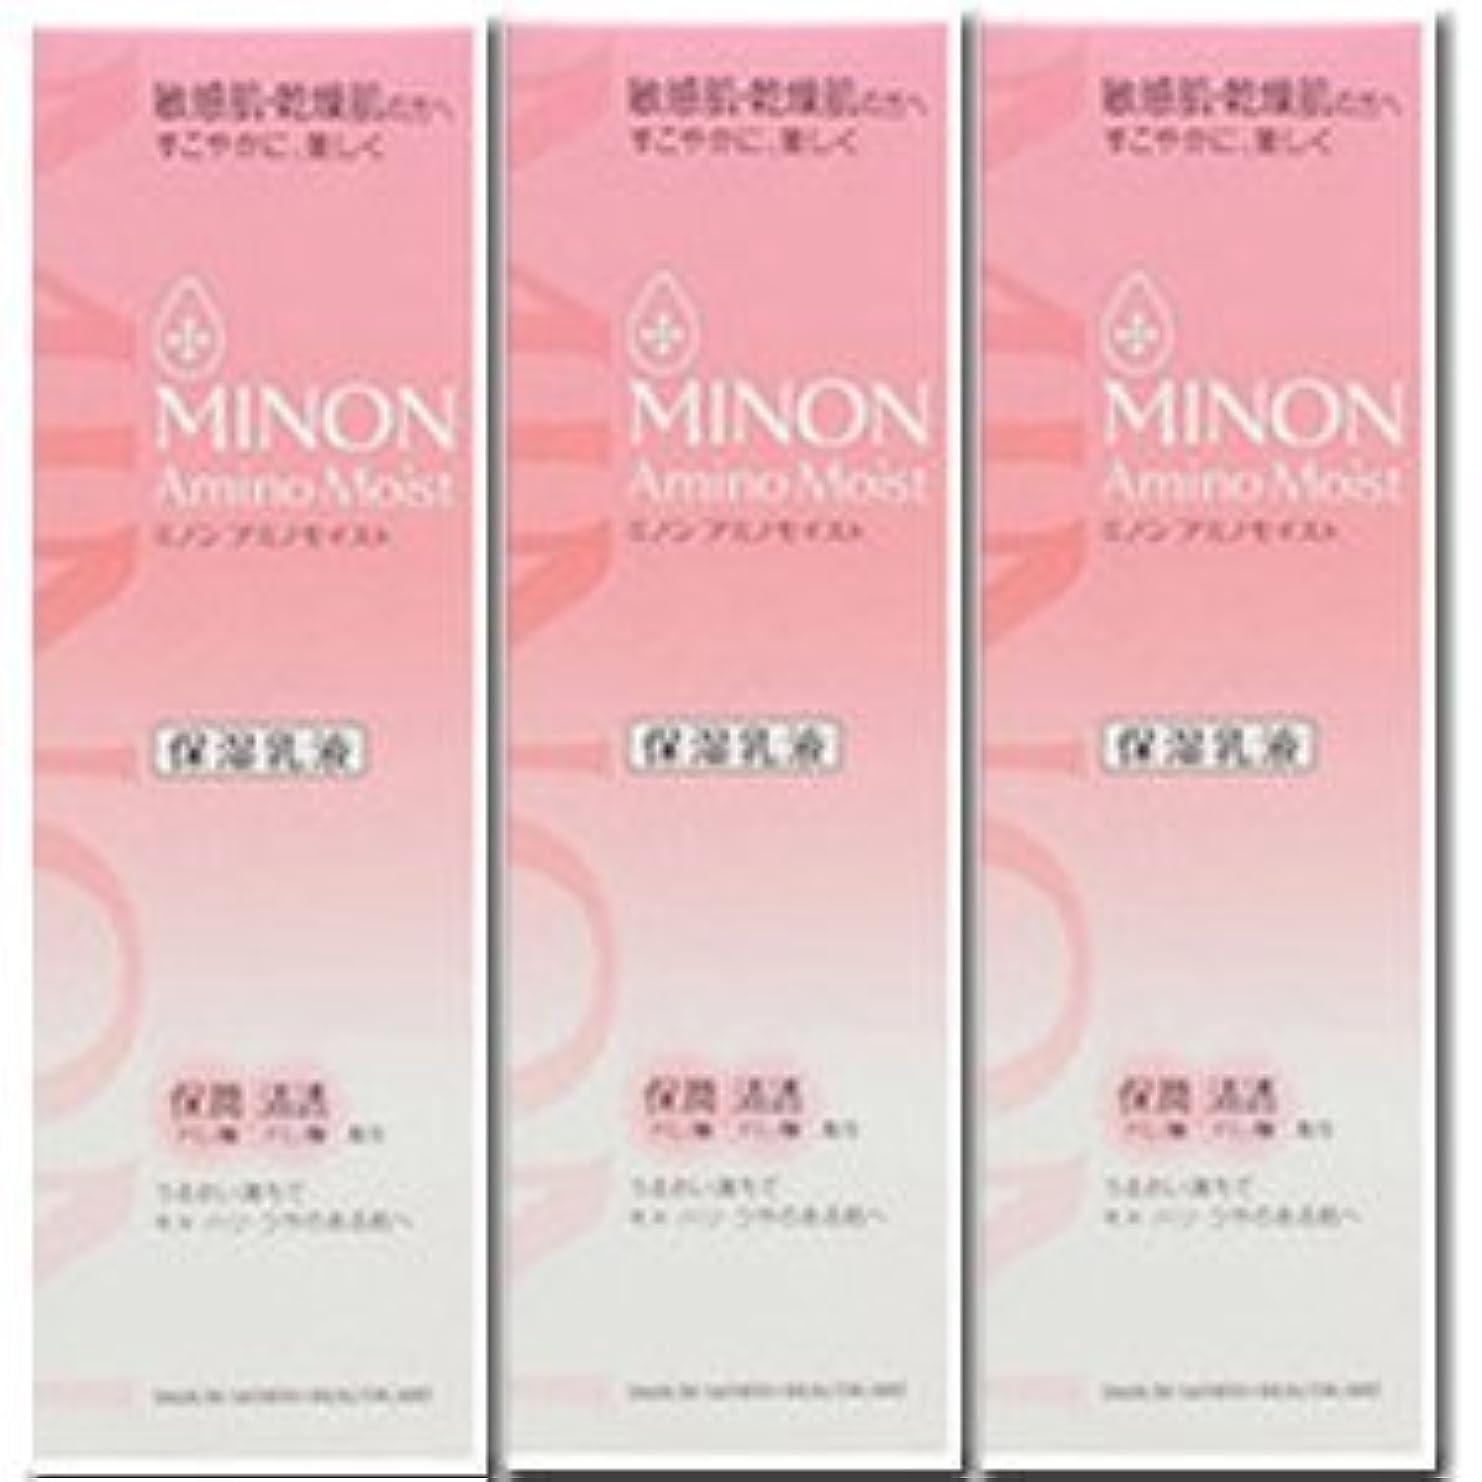 【3本】ミノン アミノモイスト モイストチャージ ミルク 100gx3個(4987107616524)